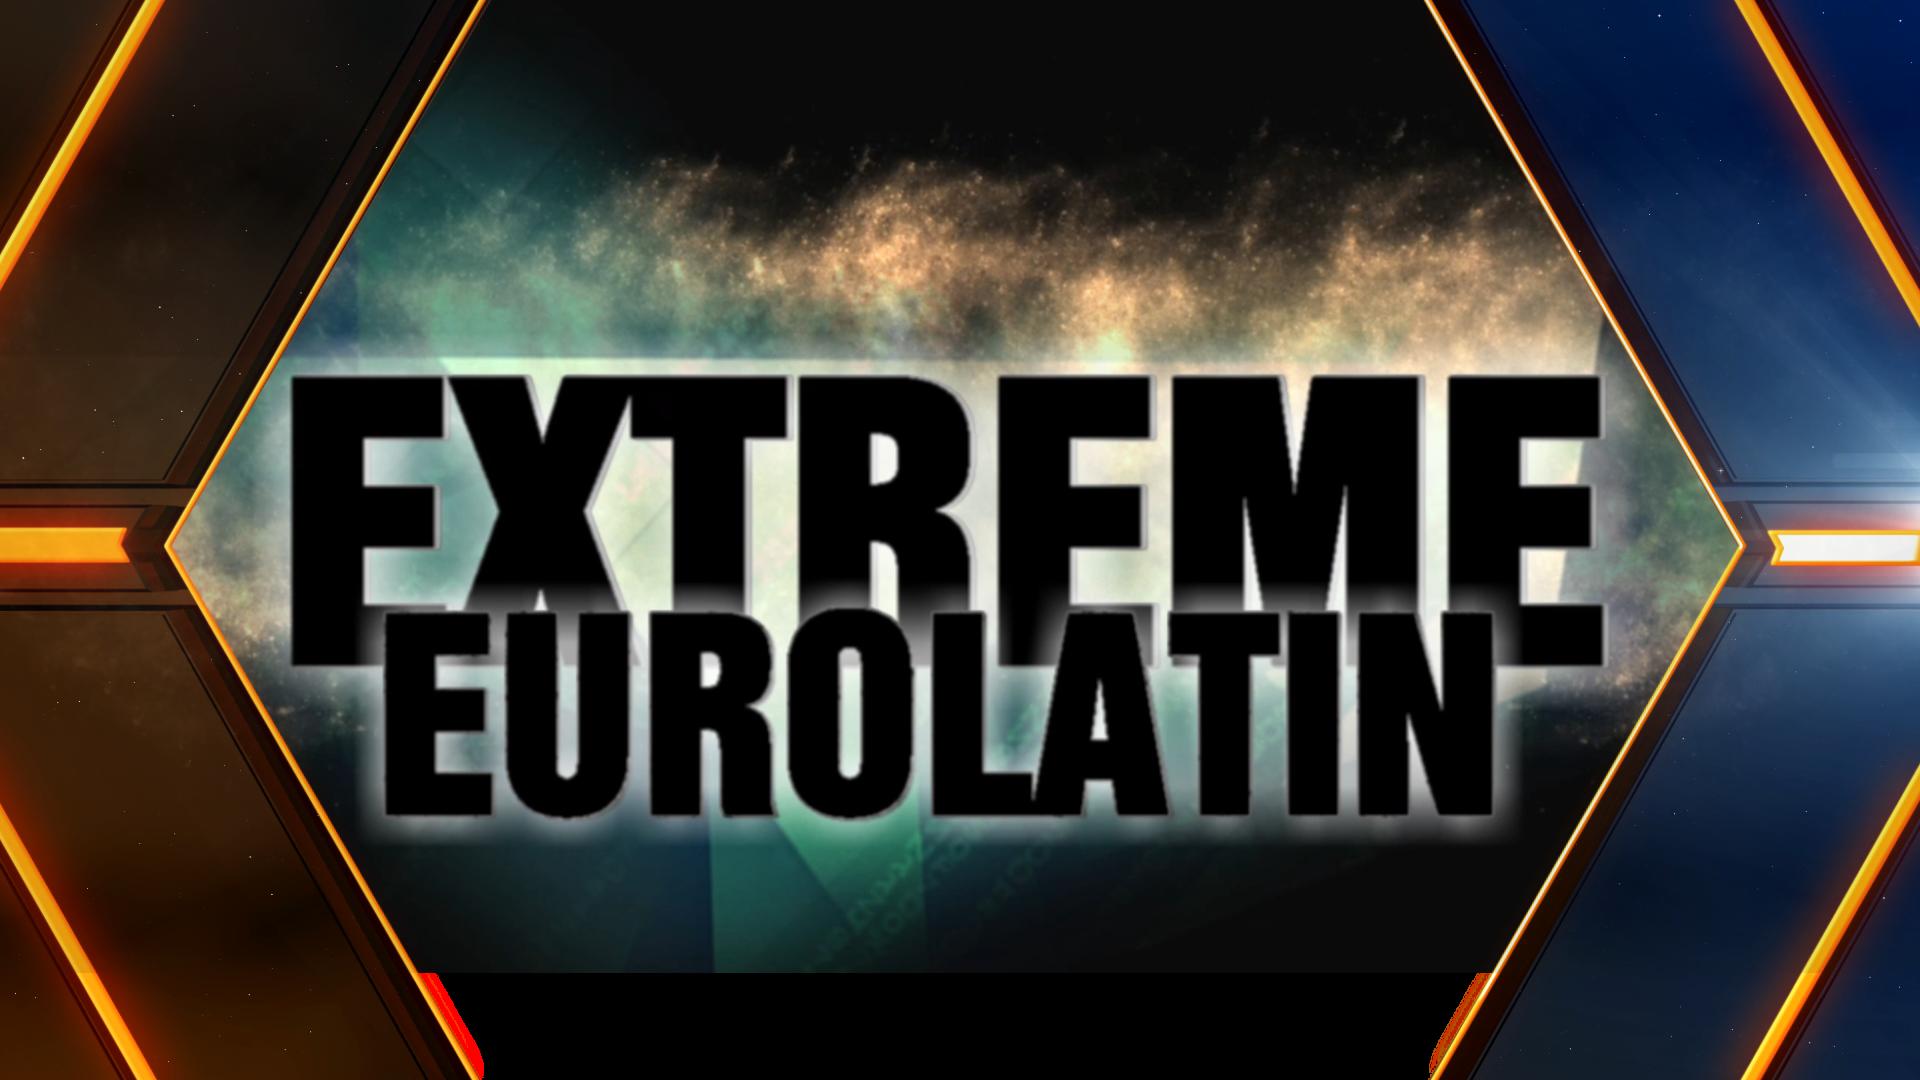 Eurolatin Extreme